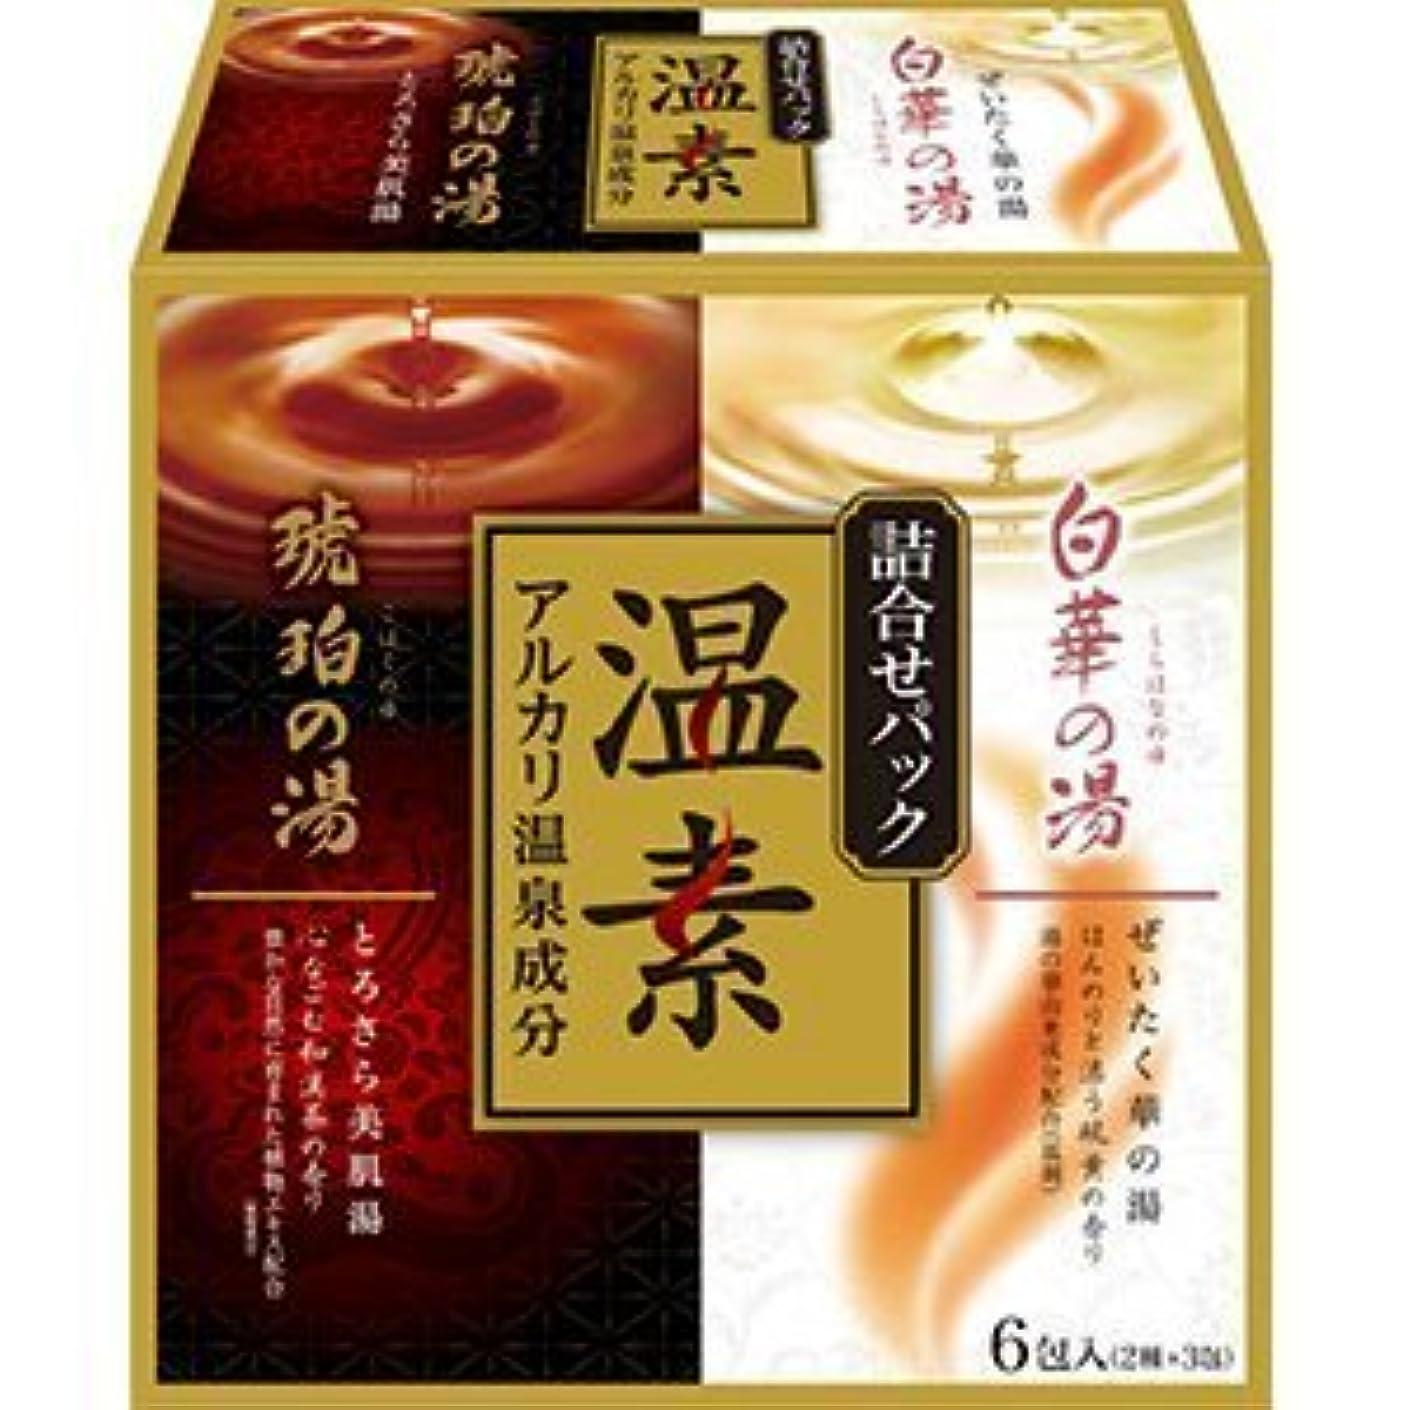 ブラウン盲目リーガン温素 琥珀の湯&白華の湯 詰合せパック × 10個セット